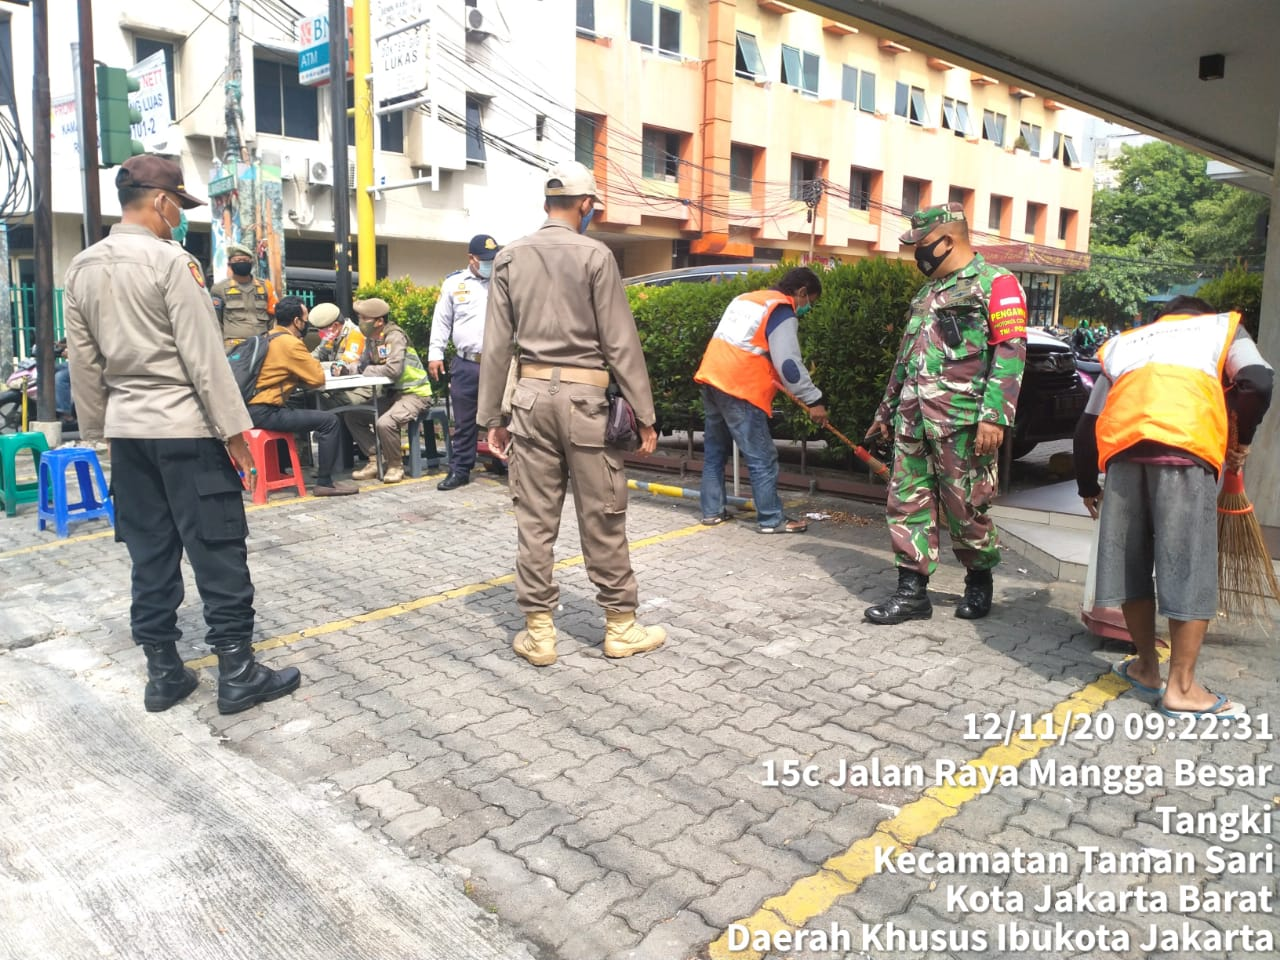 Masih Kedapatan 14 orang Pelanggar Prokes di Mangga Besar Raya, Tamansari Jakarta Barat